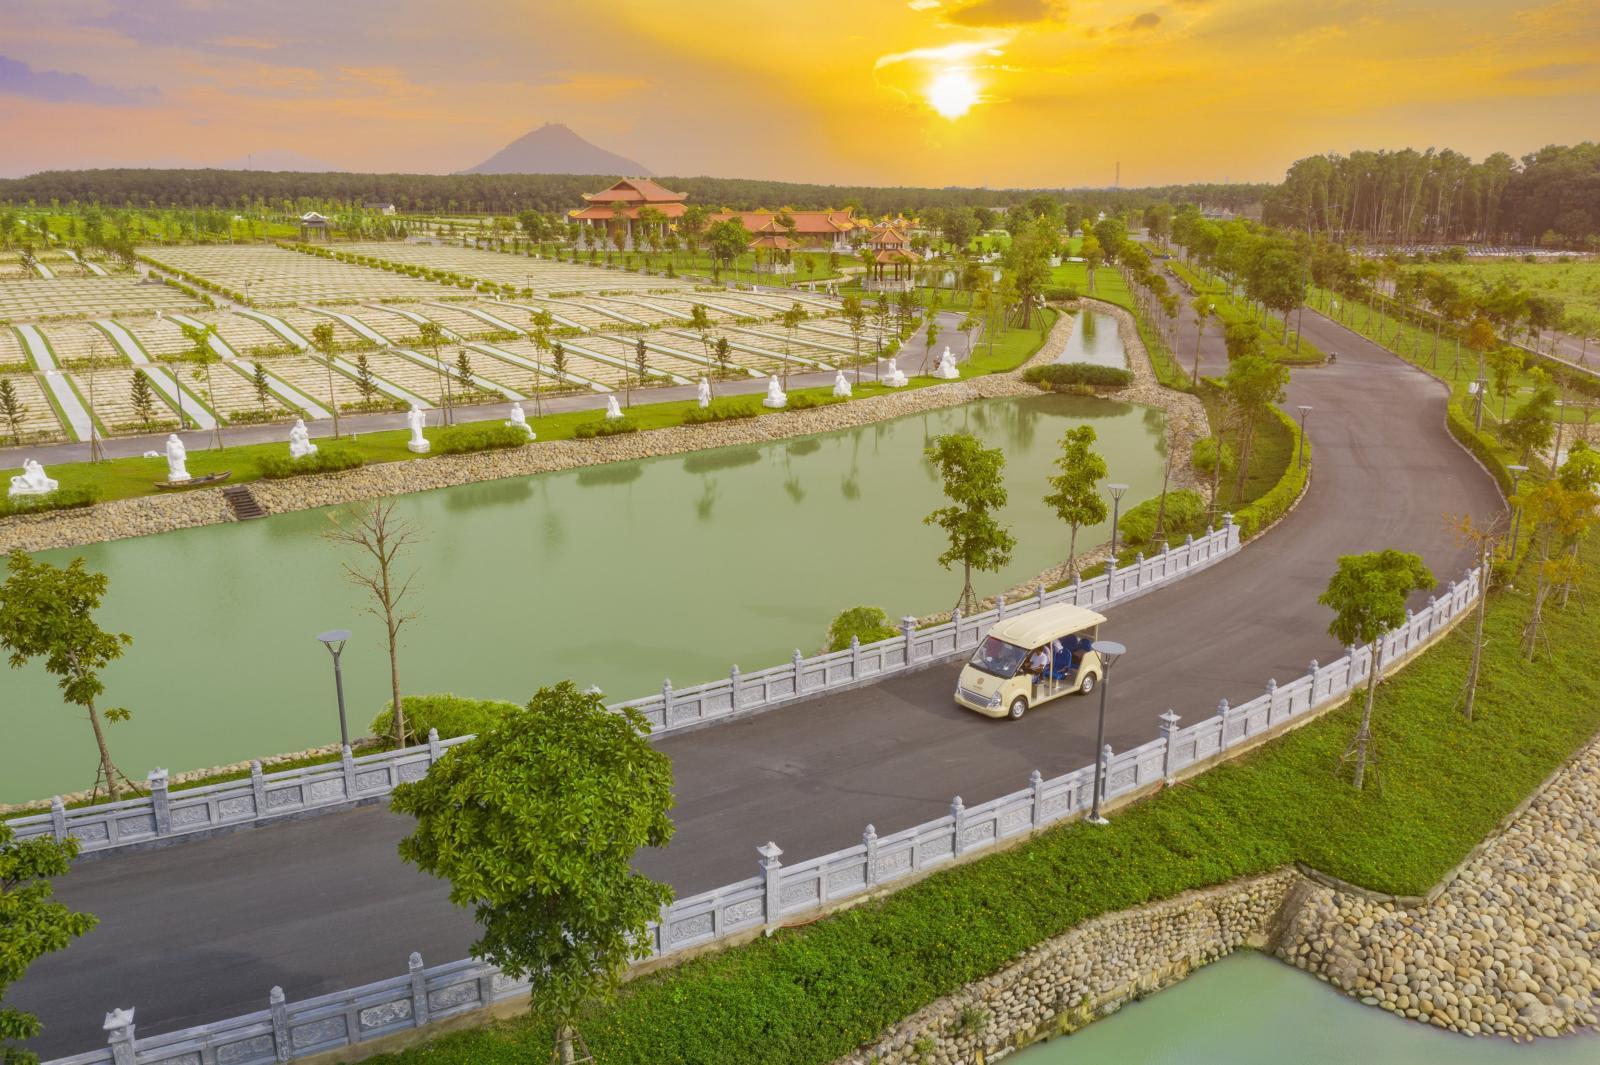 Hồ tịnh tâm tại Hoa viên nghĩa trang sinh thái Sala Garden